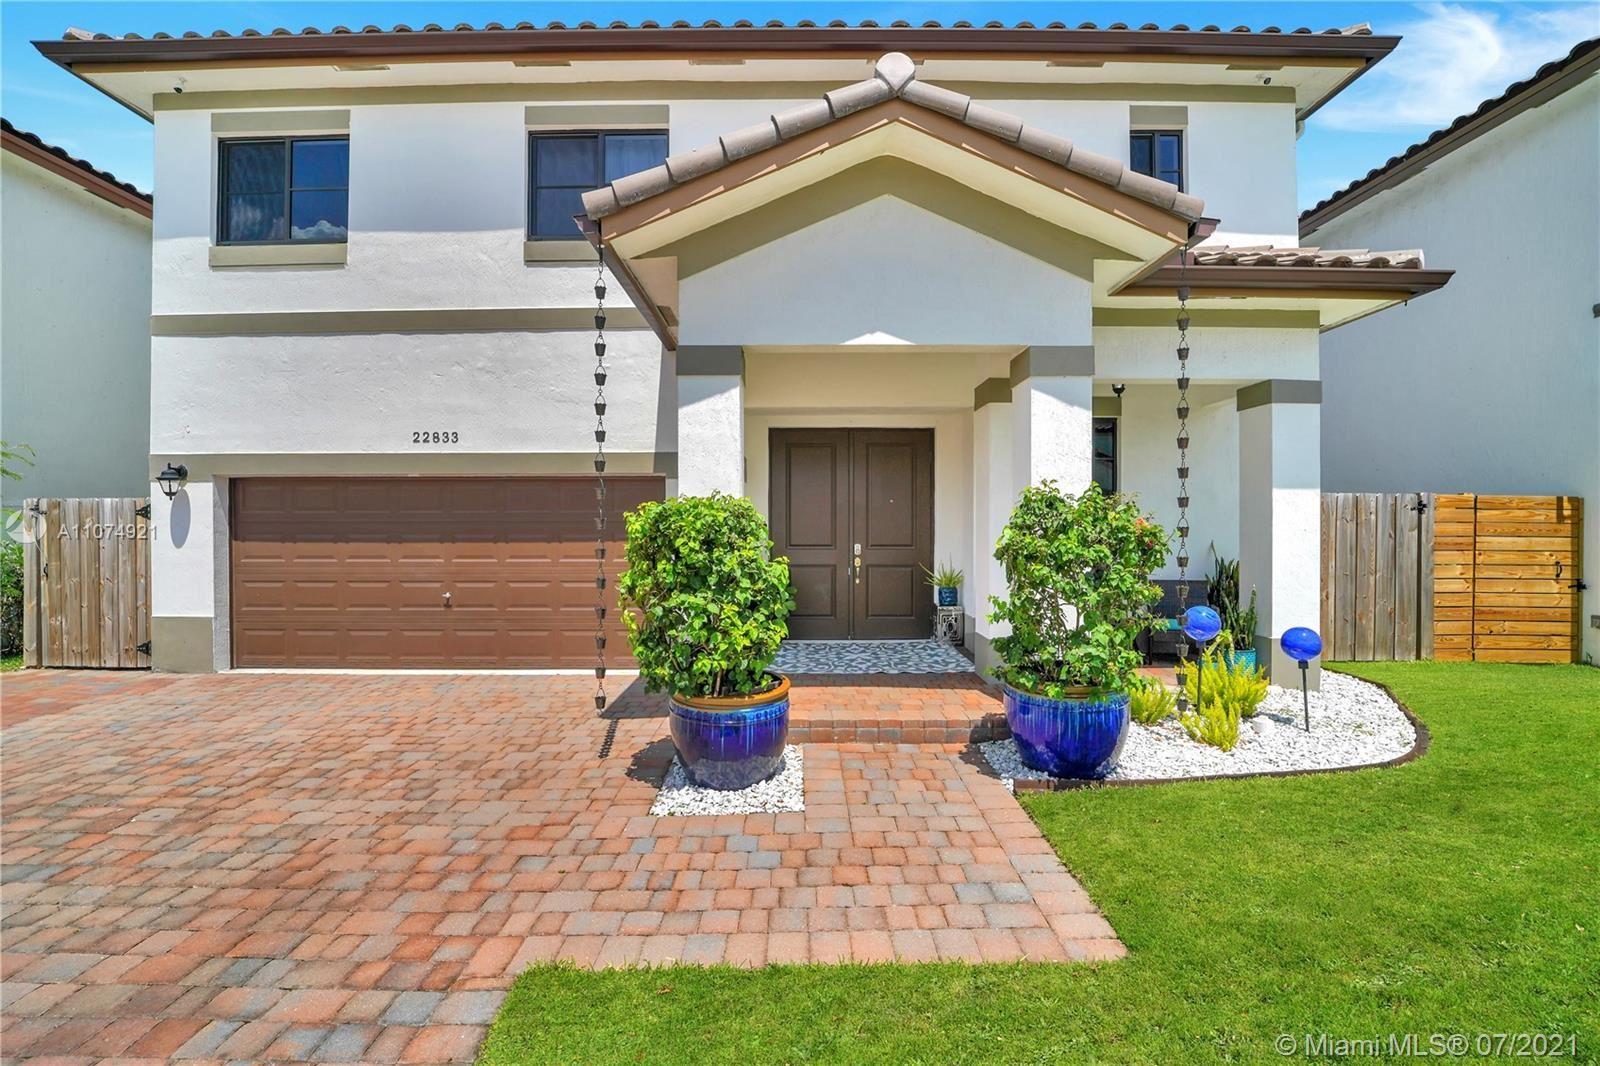 22833 SW 117th Ct, Miami, FL 33170 - #: A11074921